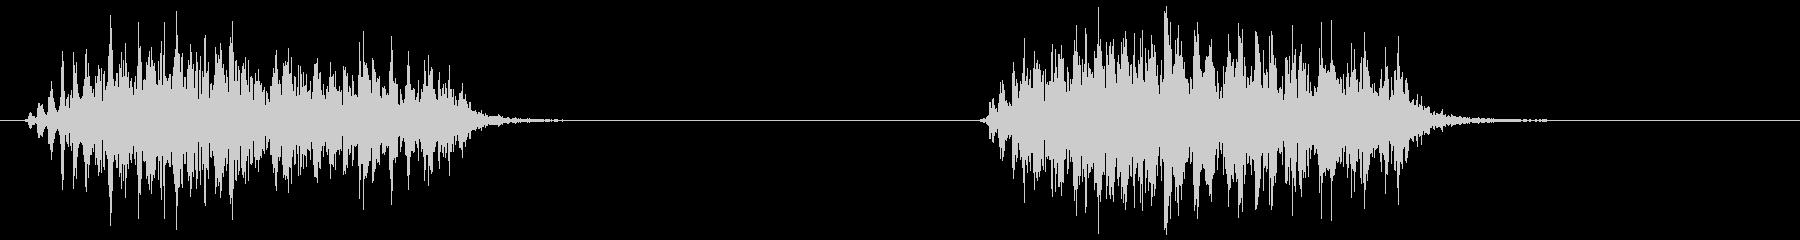 カラス (ガアーッ、ガアーッ)の未再生の波形